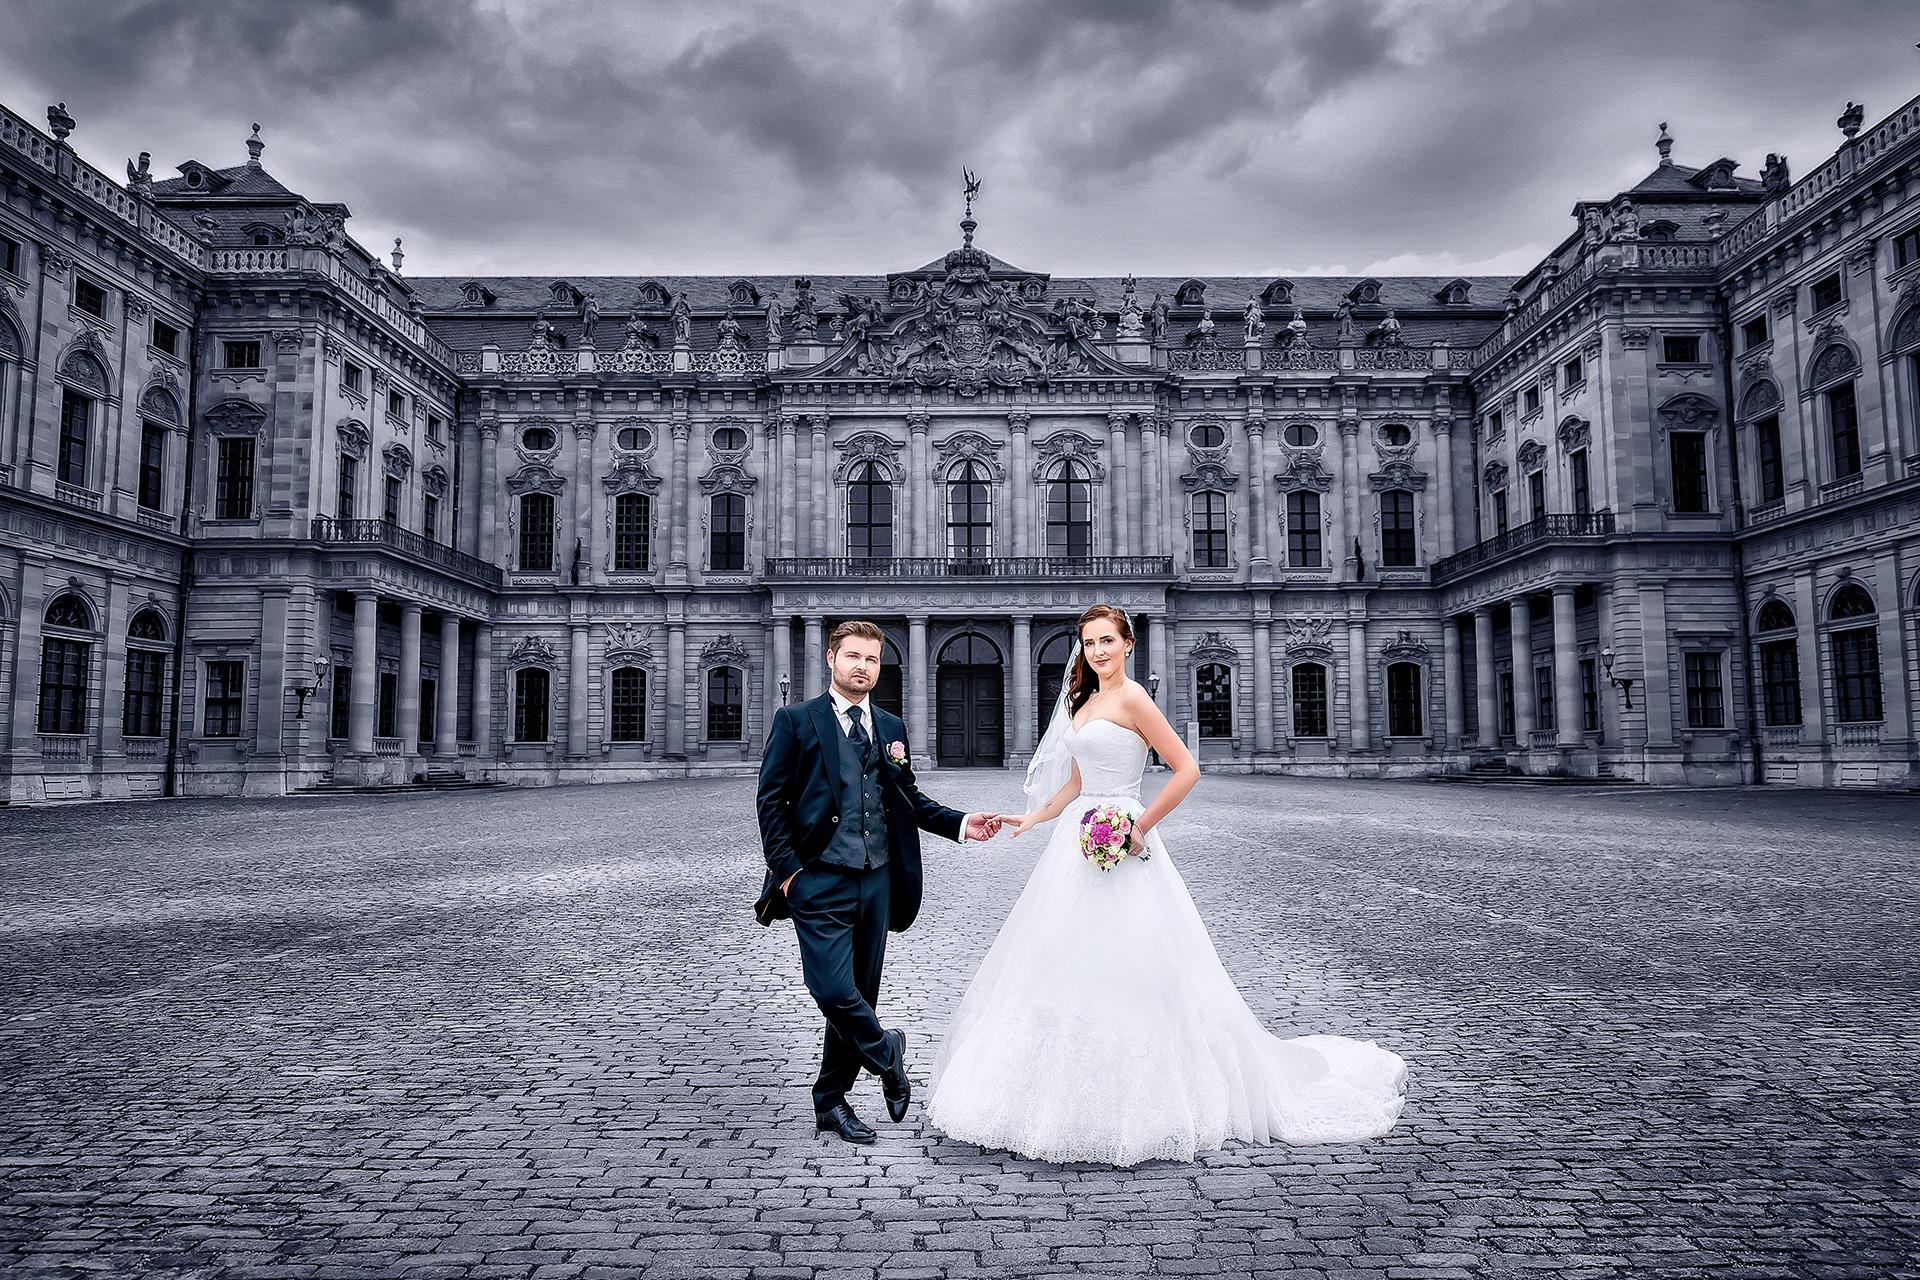 Hochzeitsfotograf Und Video In Kassel Happy Day Team